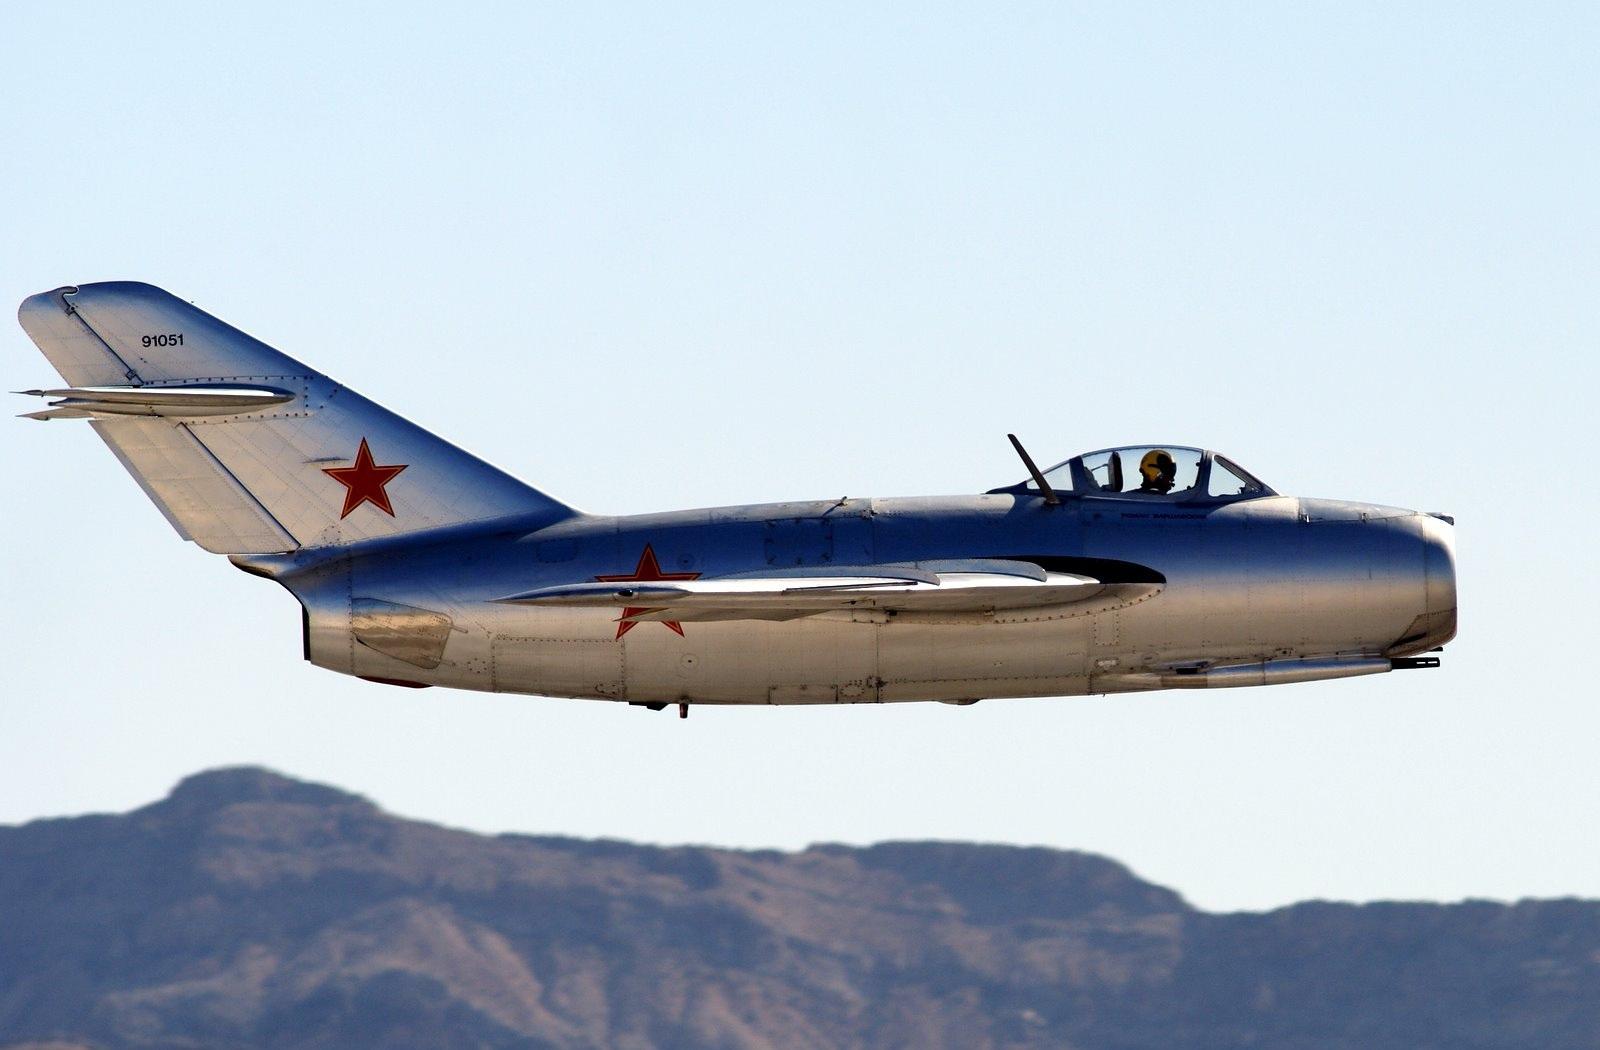 Истребитель МиГ-15 На таком в Корее воевал Иван Никитович Кожедуб Данный самолёт восстановлен до лётного состояния в США и летает в США